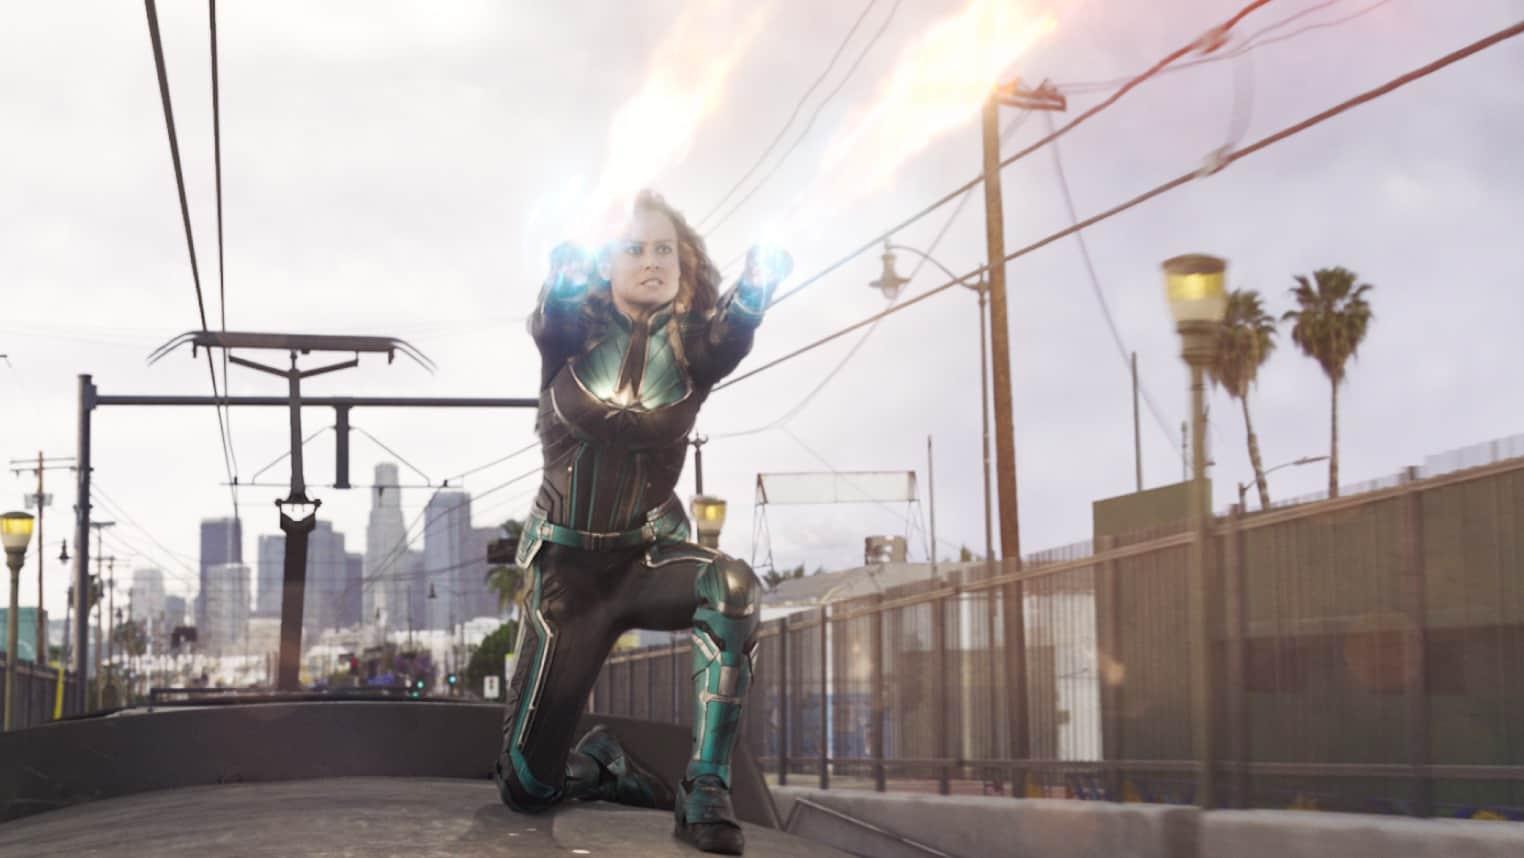 Brie Larson Dvoile Quelques Scnes Daction De Captain Marvel